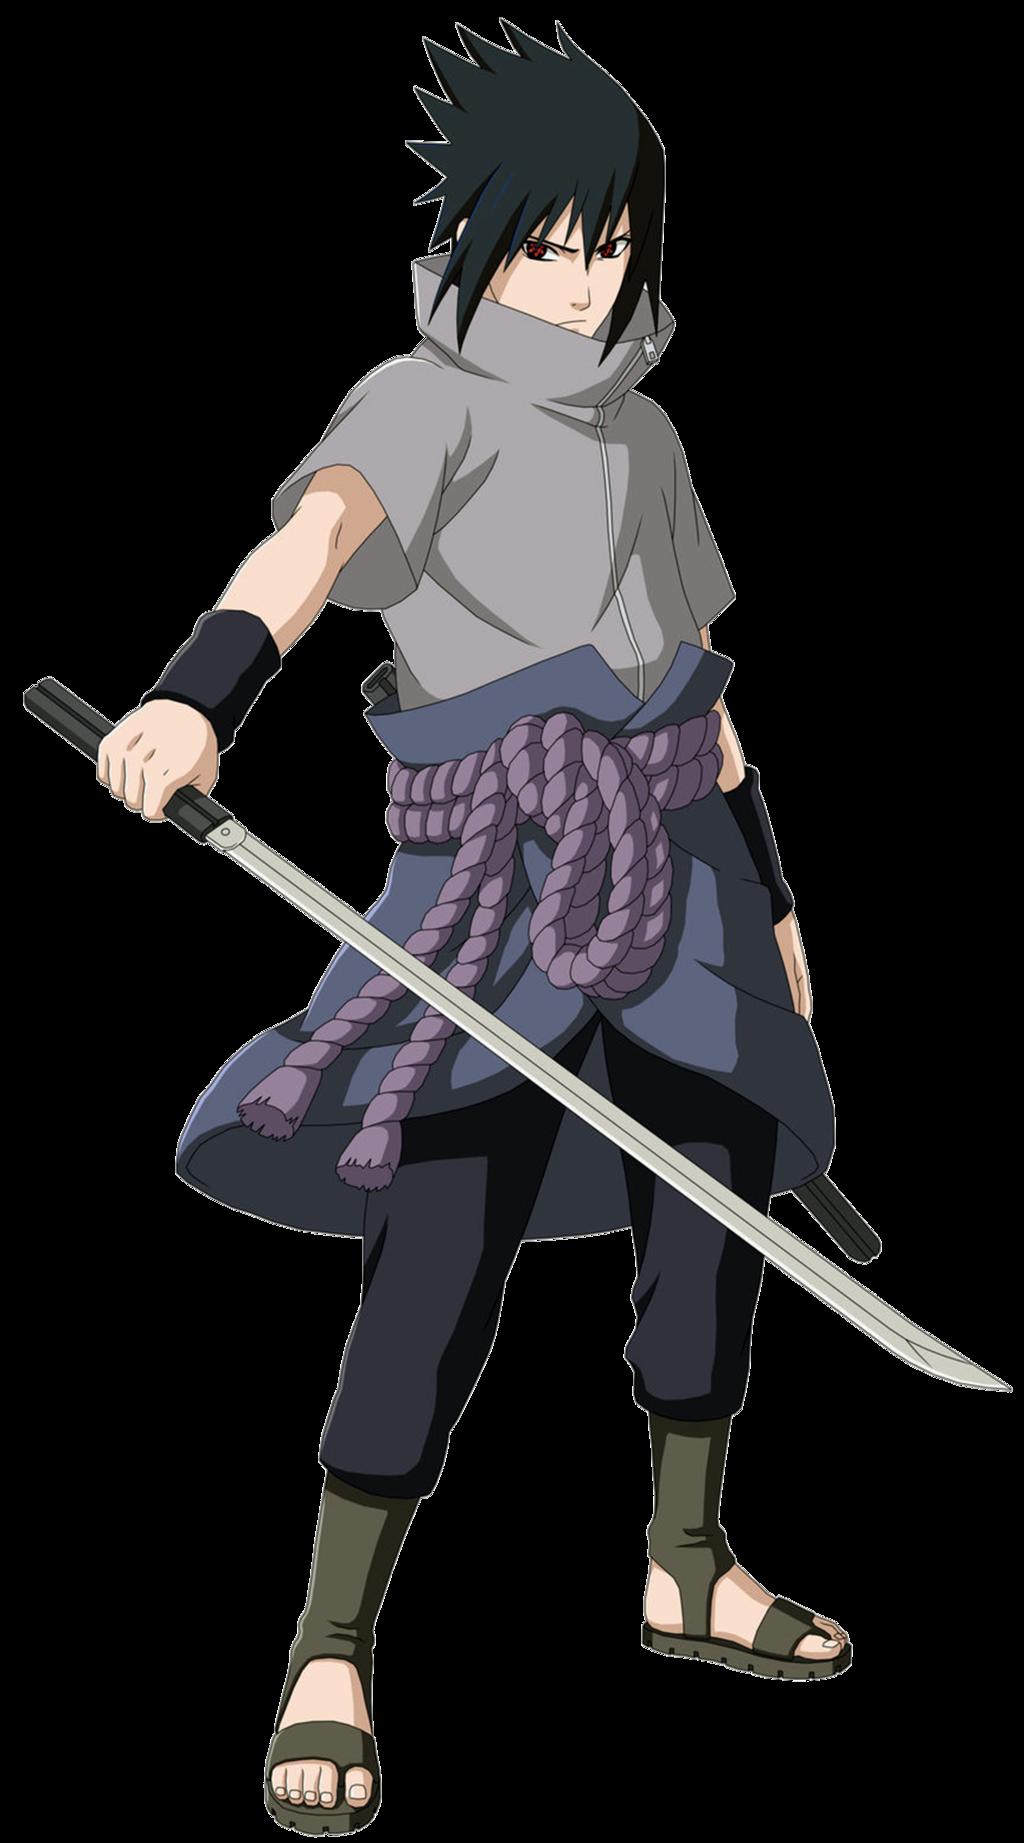 sasuke uchiha | Personajes de naruto, Arte de naruto y ... - Sasuke Character